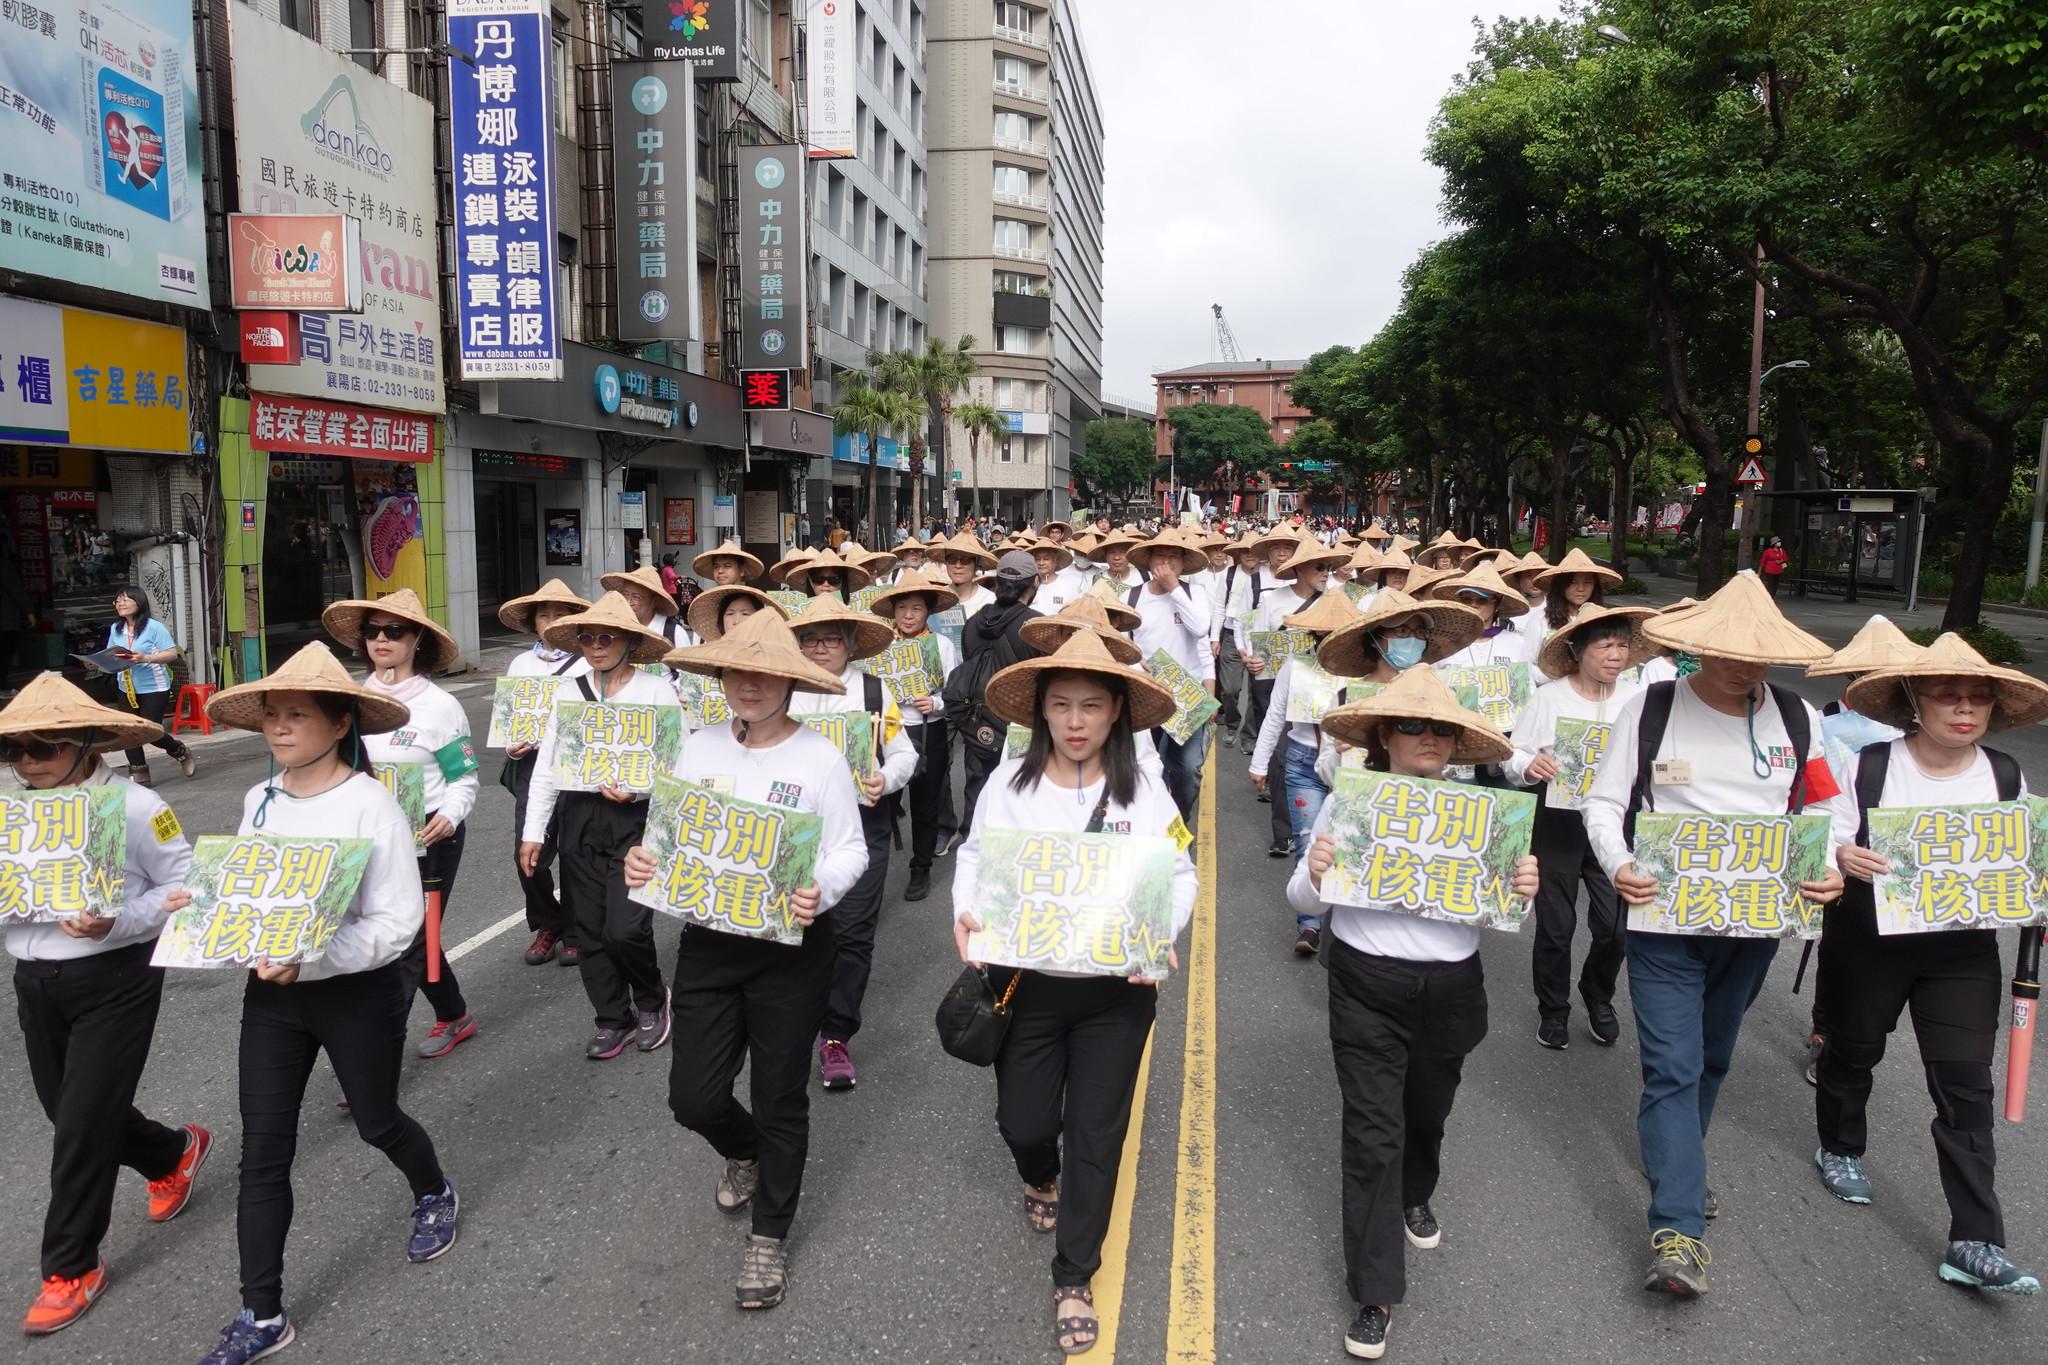 公民團體訴求告別核電。(攝影:張智琦)